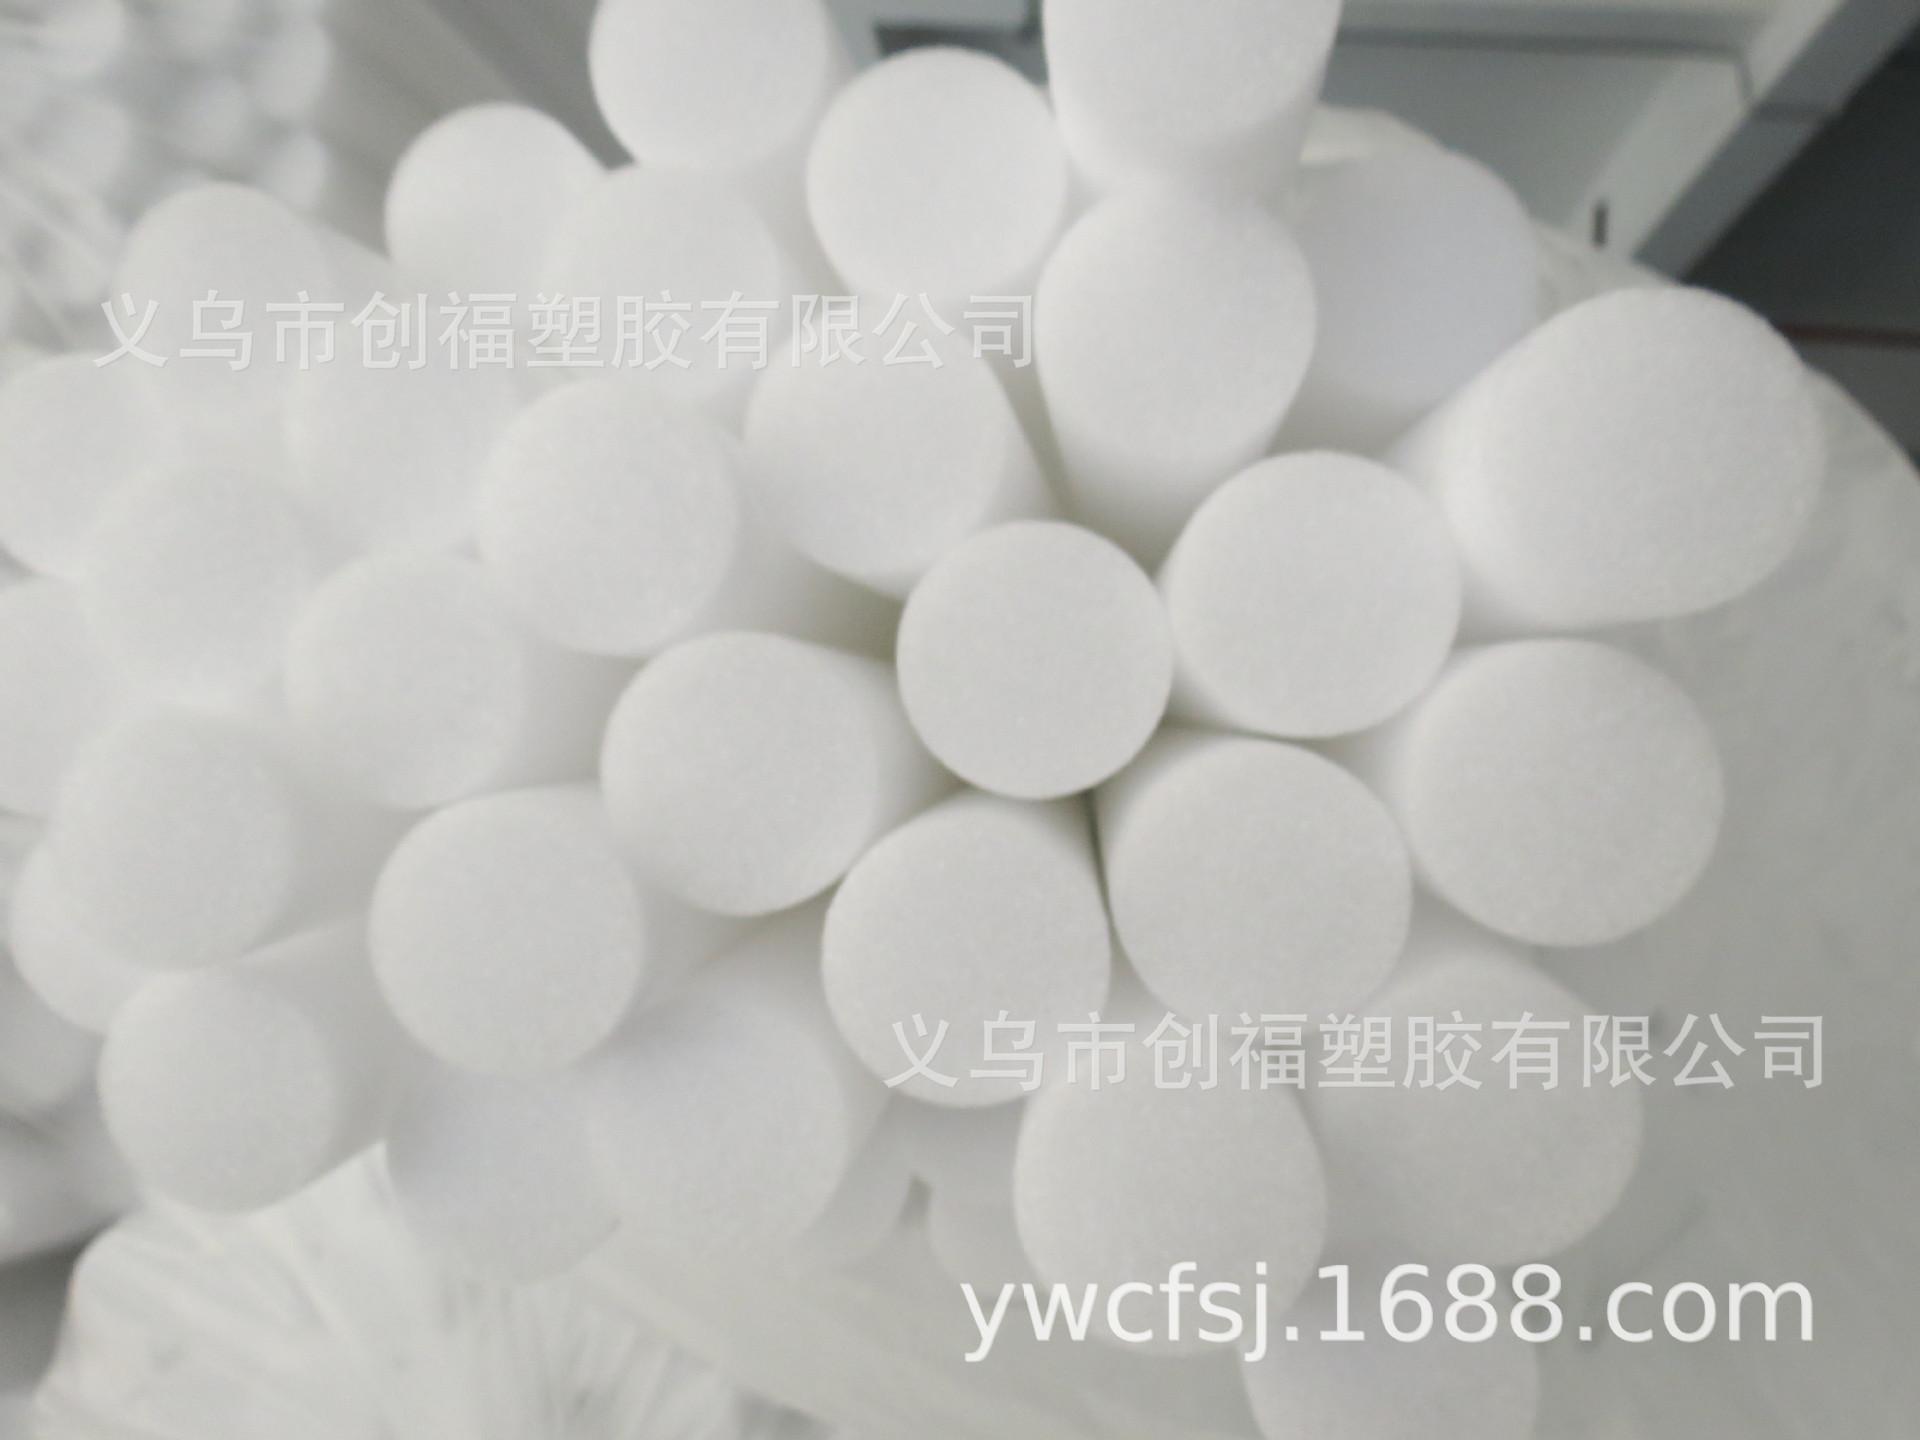 厂家直销泡棉管泡沫管 包装材料防撞防摔发泡管 泡沫棒定制